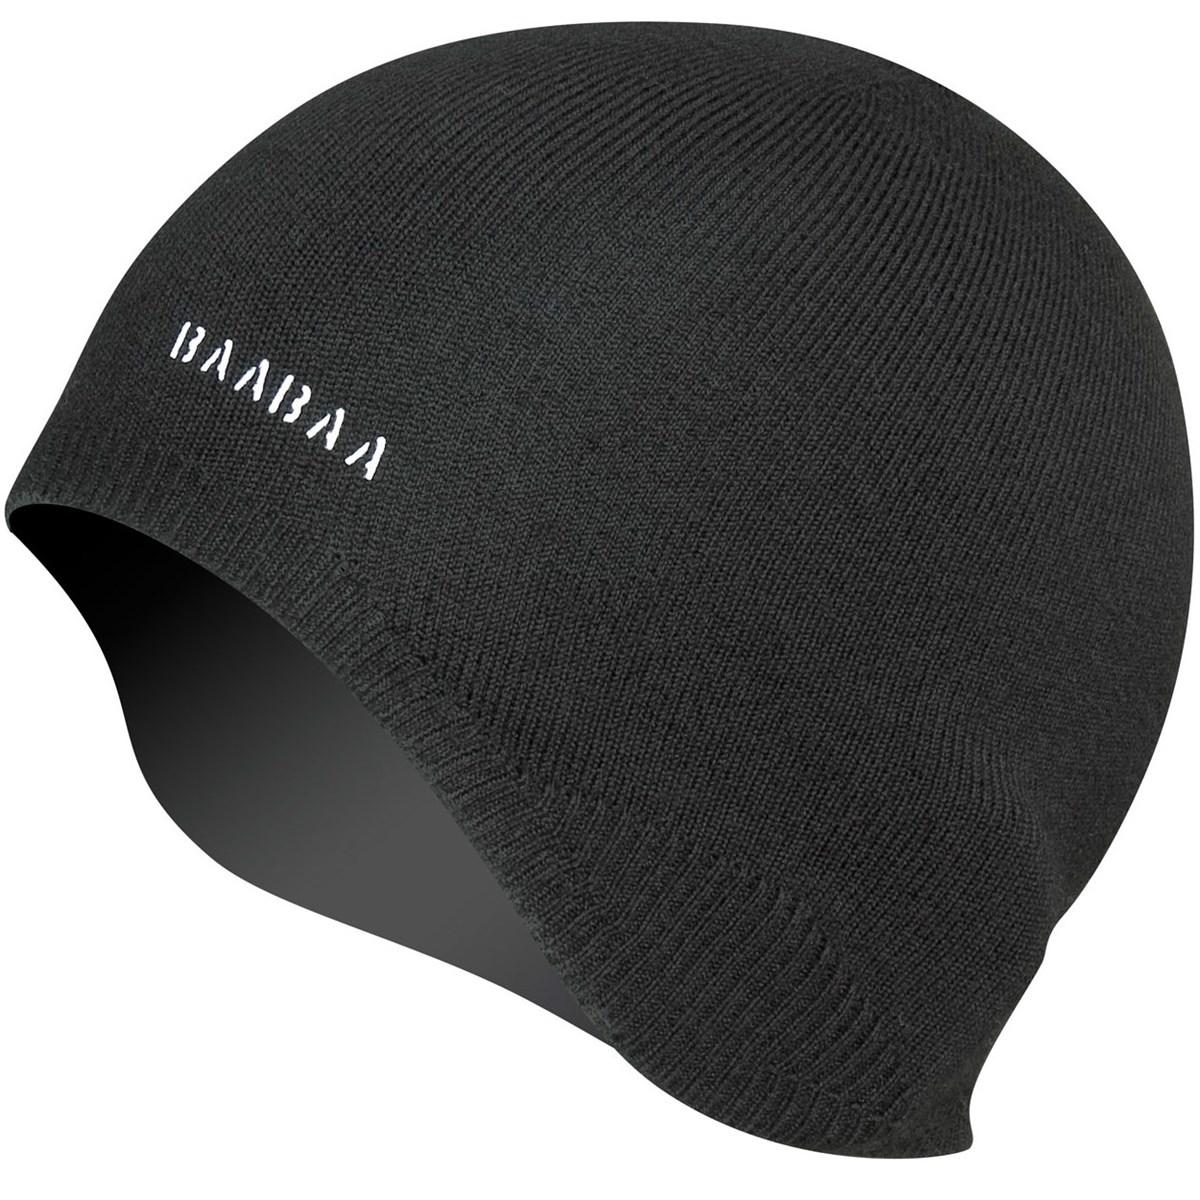 69210b97 Endura BaaBaa Merino Wool Cycling Skullcap £13.99